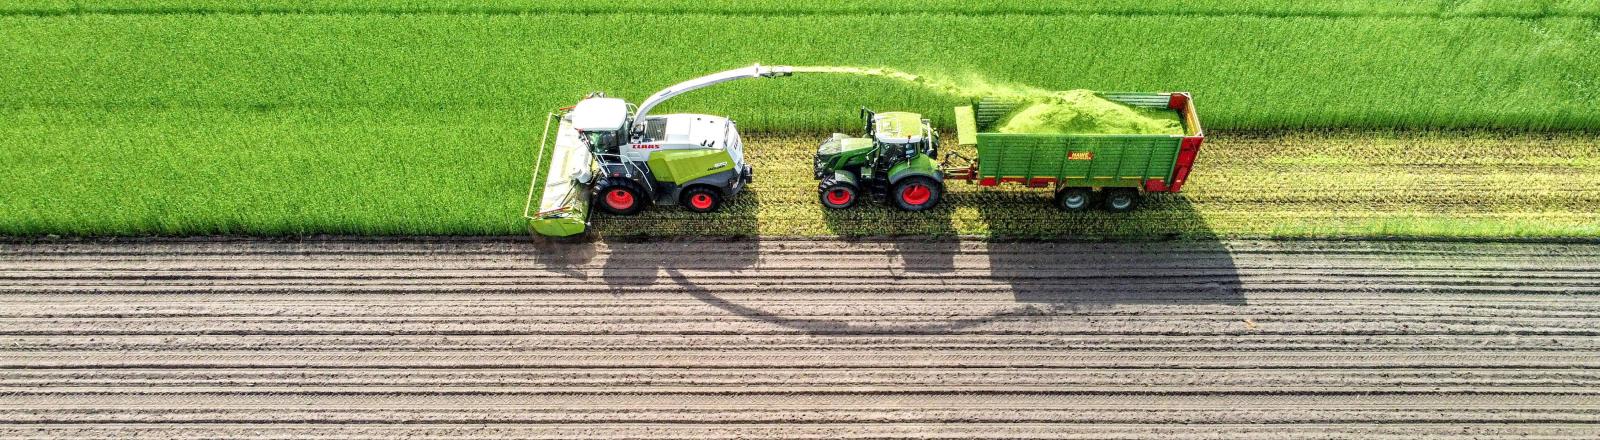 Ein Traktor, der ein Grünroggenfeld häckselt